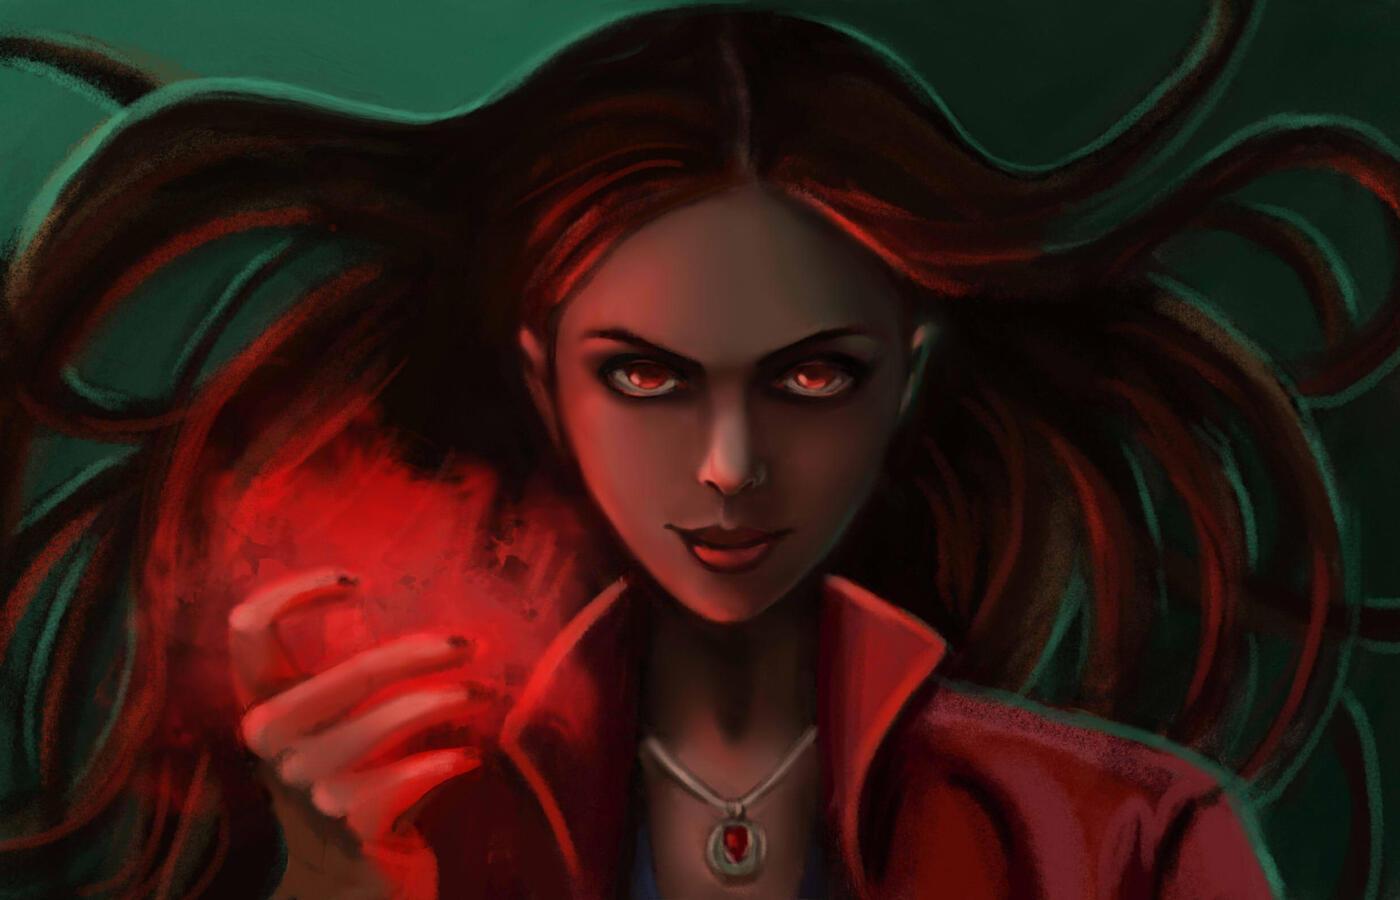 scarlet-witch-hd-art-hj.jpg